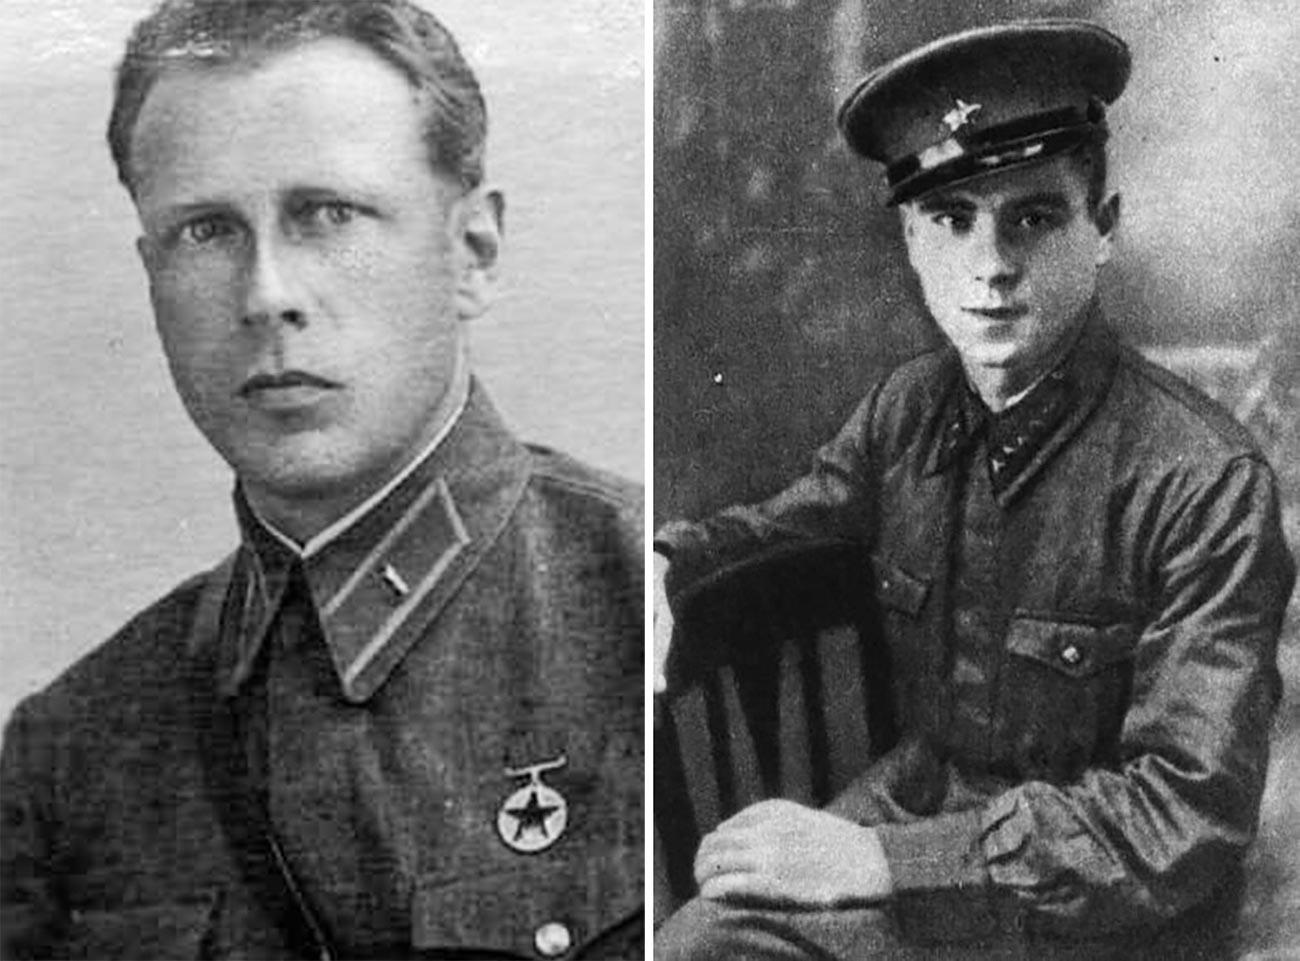 Branitelji Brestske tvrđave, lijevo Aleksandar Emiljevič Dulkejt, a desno Vjačeslav Eduardovič Mejer.